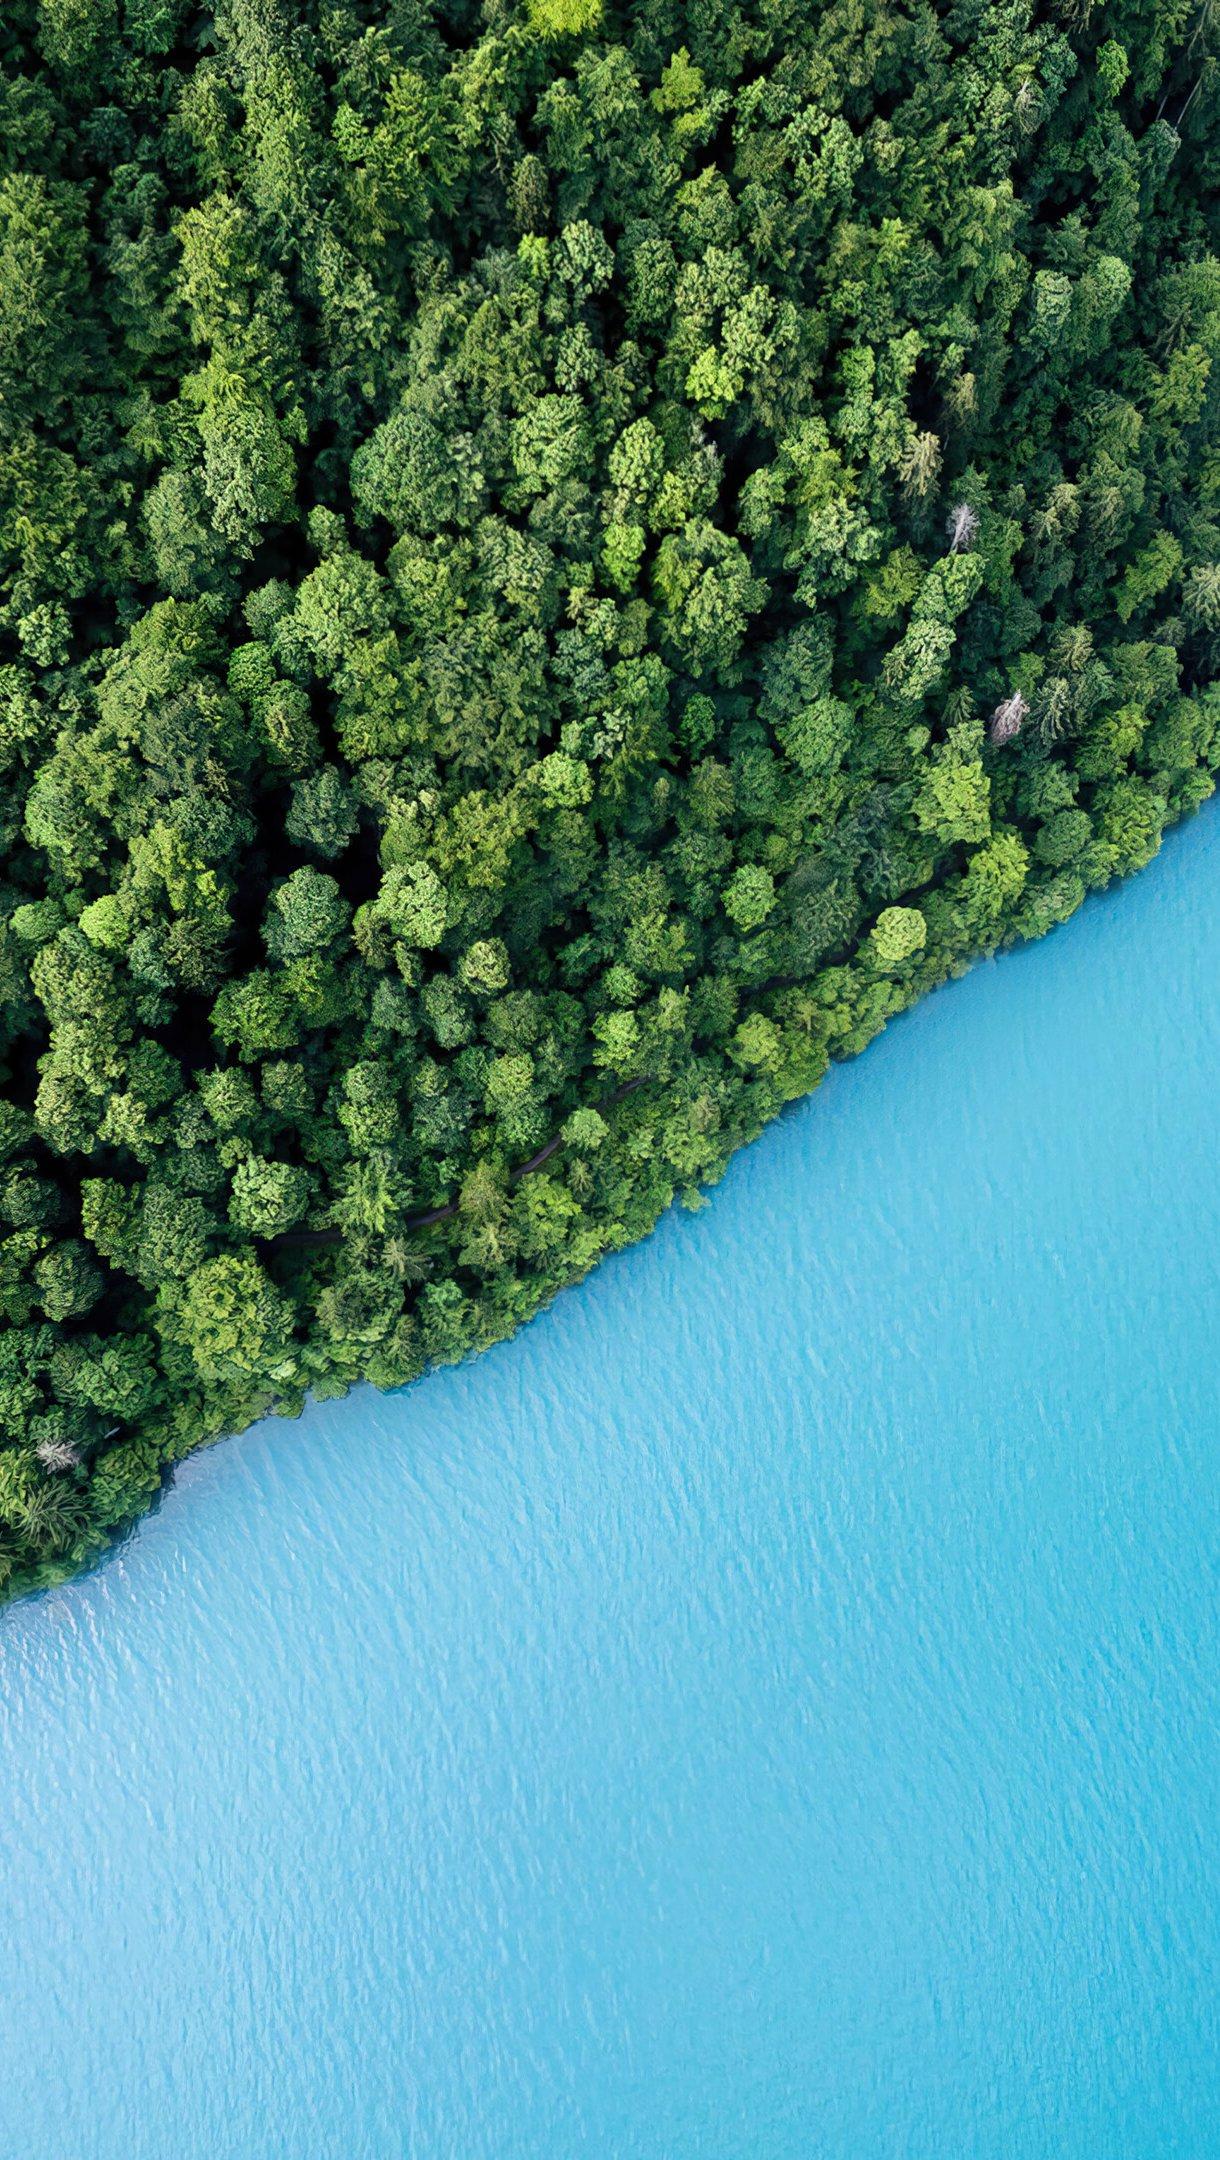 Fondos de pantalla Vista aerea de bosque y lago Vertical